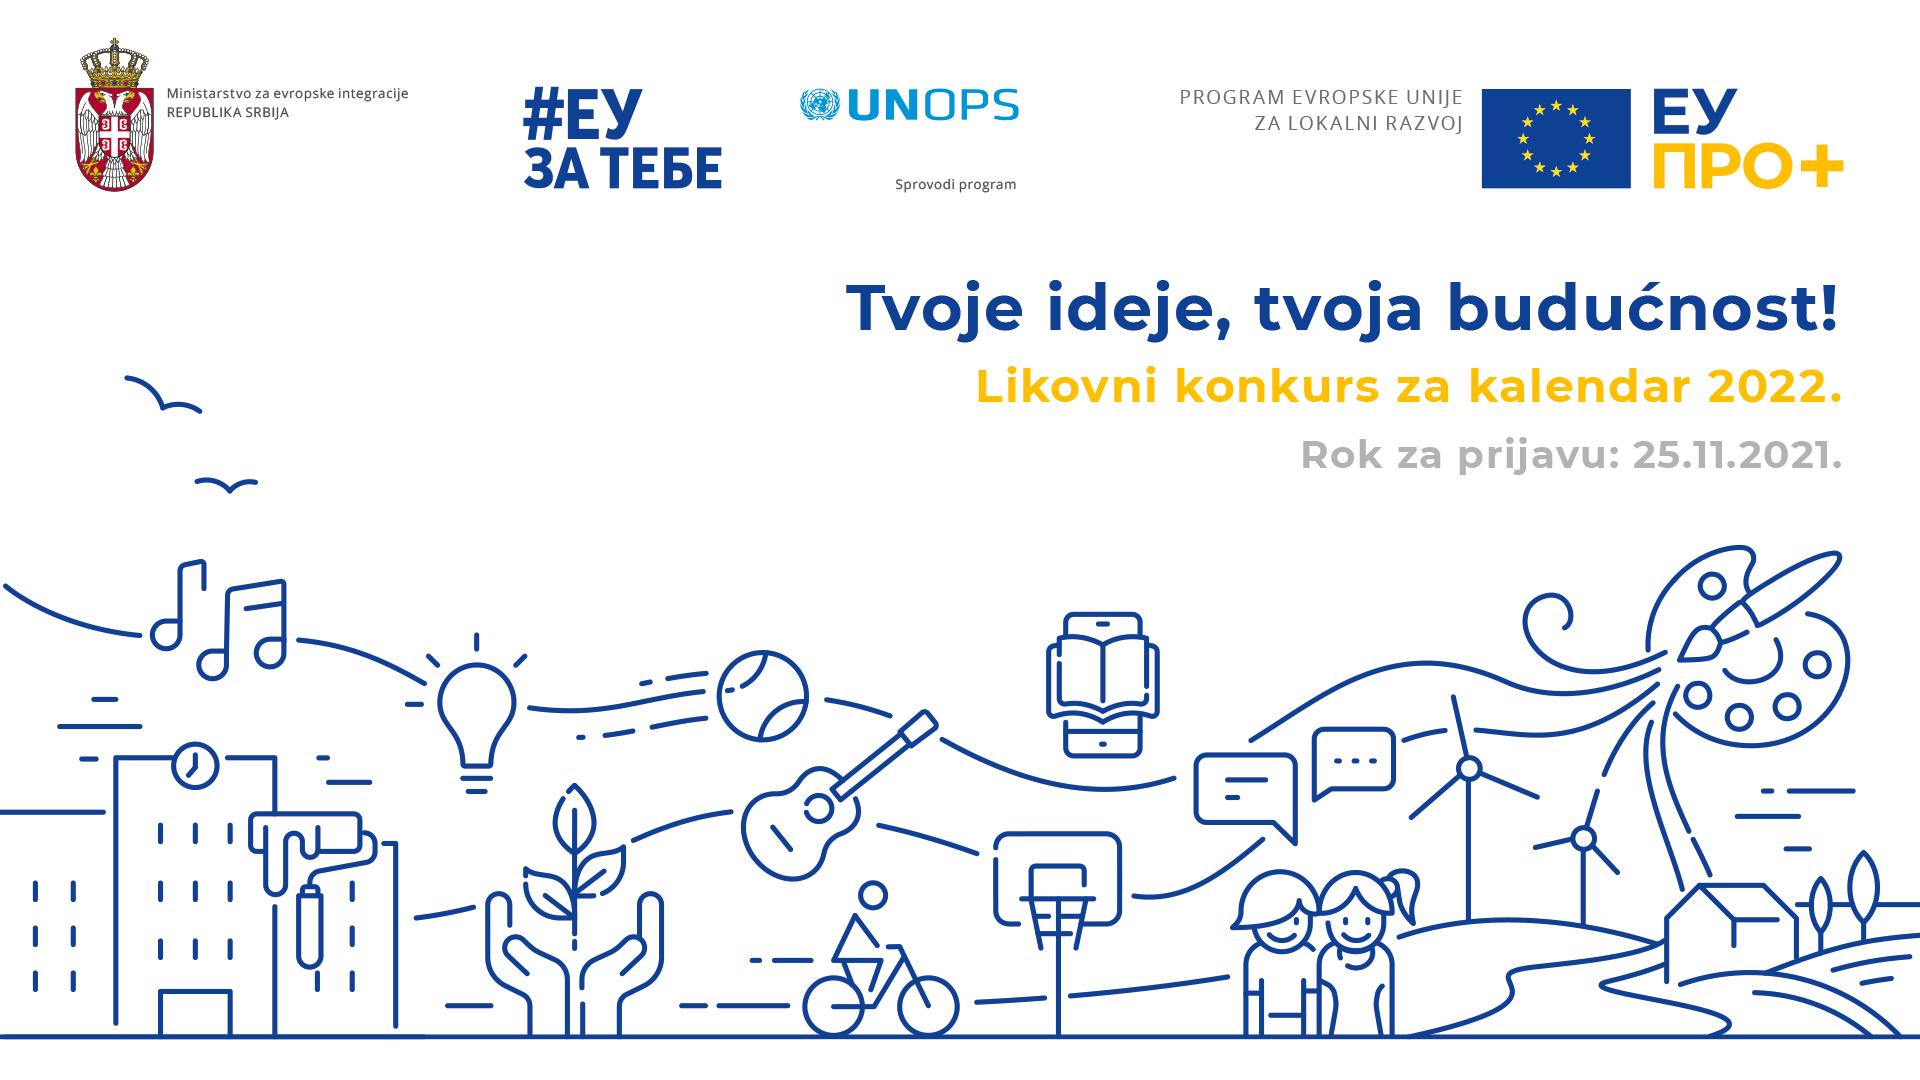 """Otvoren likovni konkurs za kalendar EU PRO Plus programa za 2022. godinu """"Tvoje ideje, tvoja budućnost"""""""